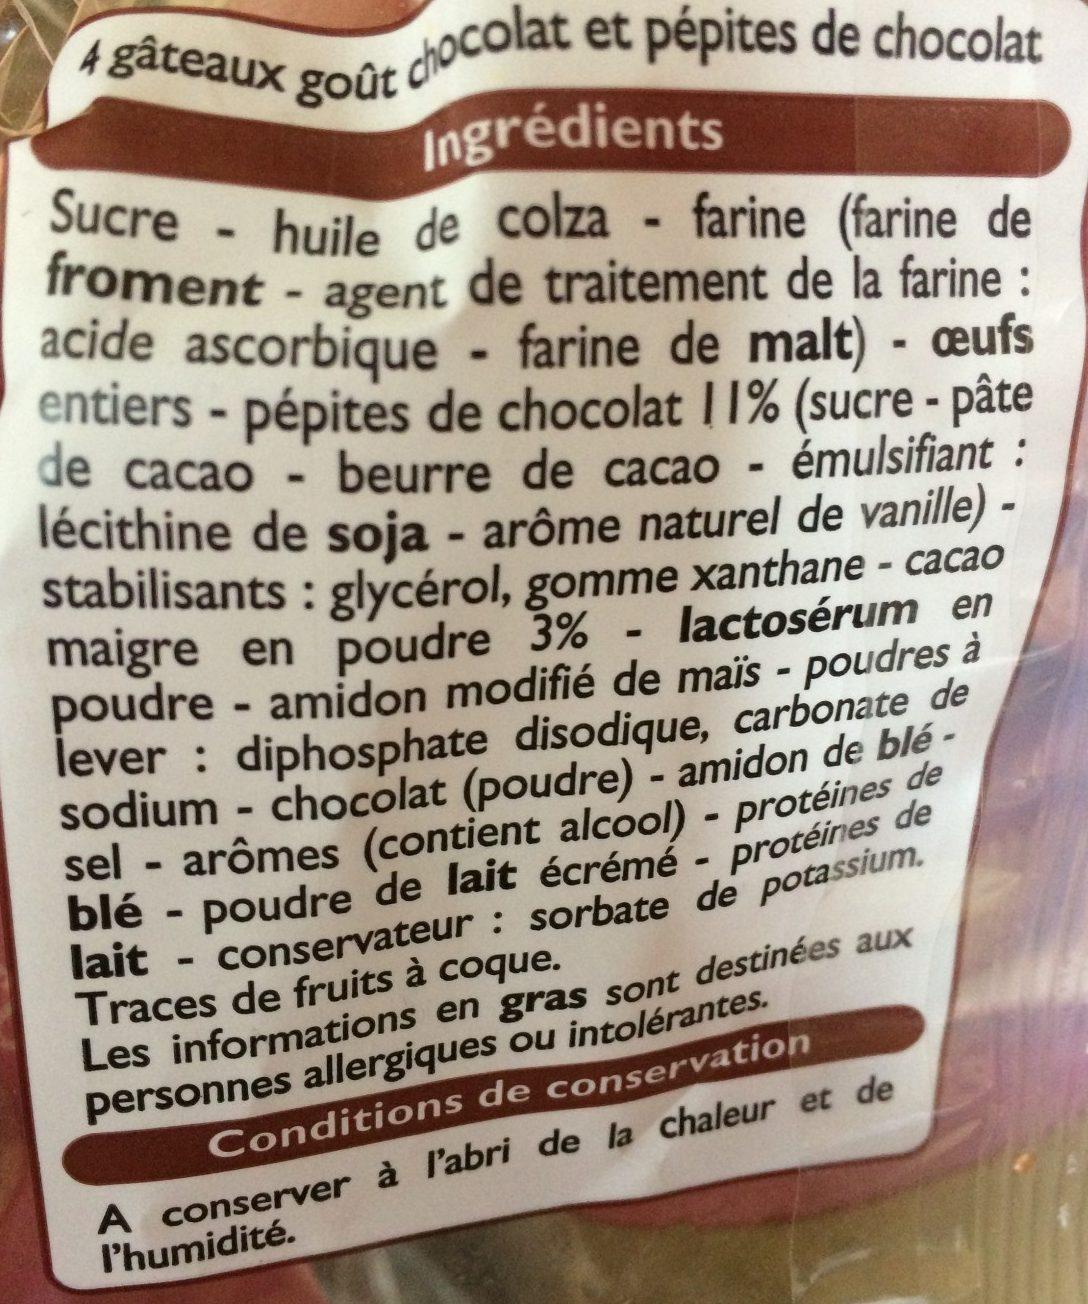 Muffins goût Chocolat aux pépites de chocolat - Ingredients - fr